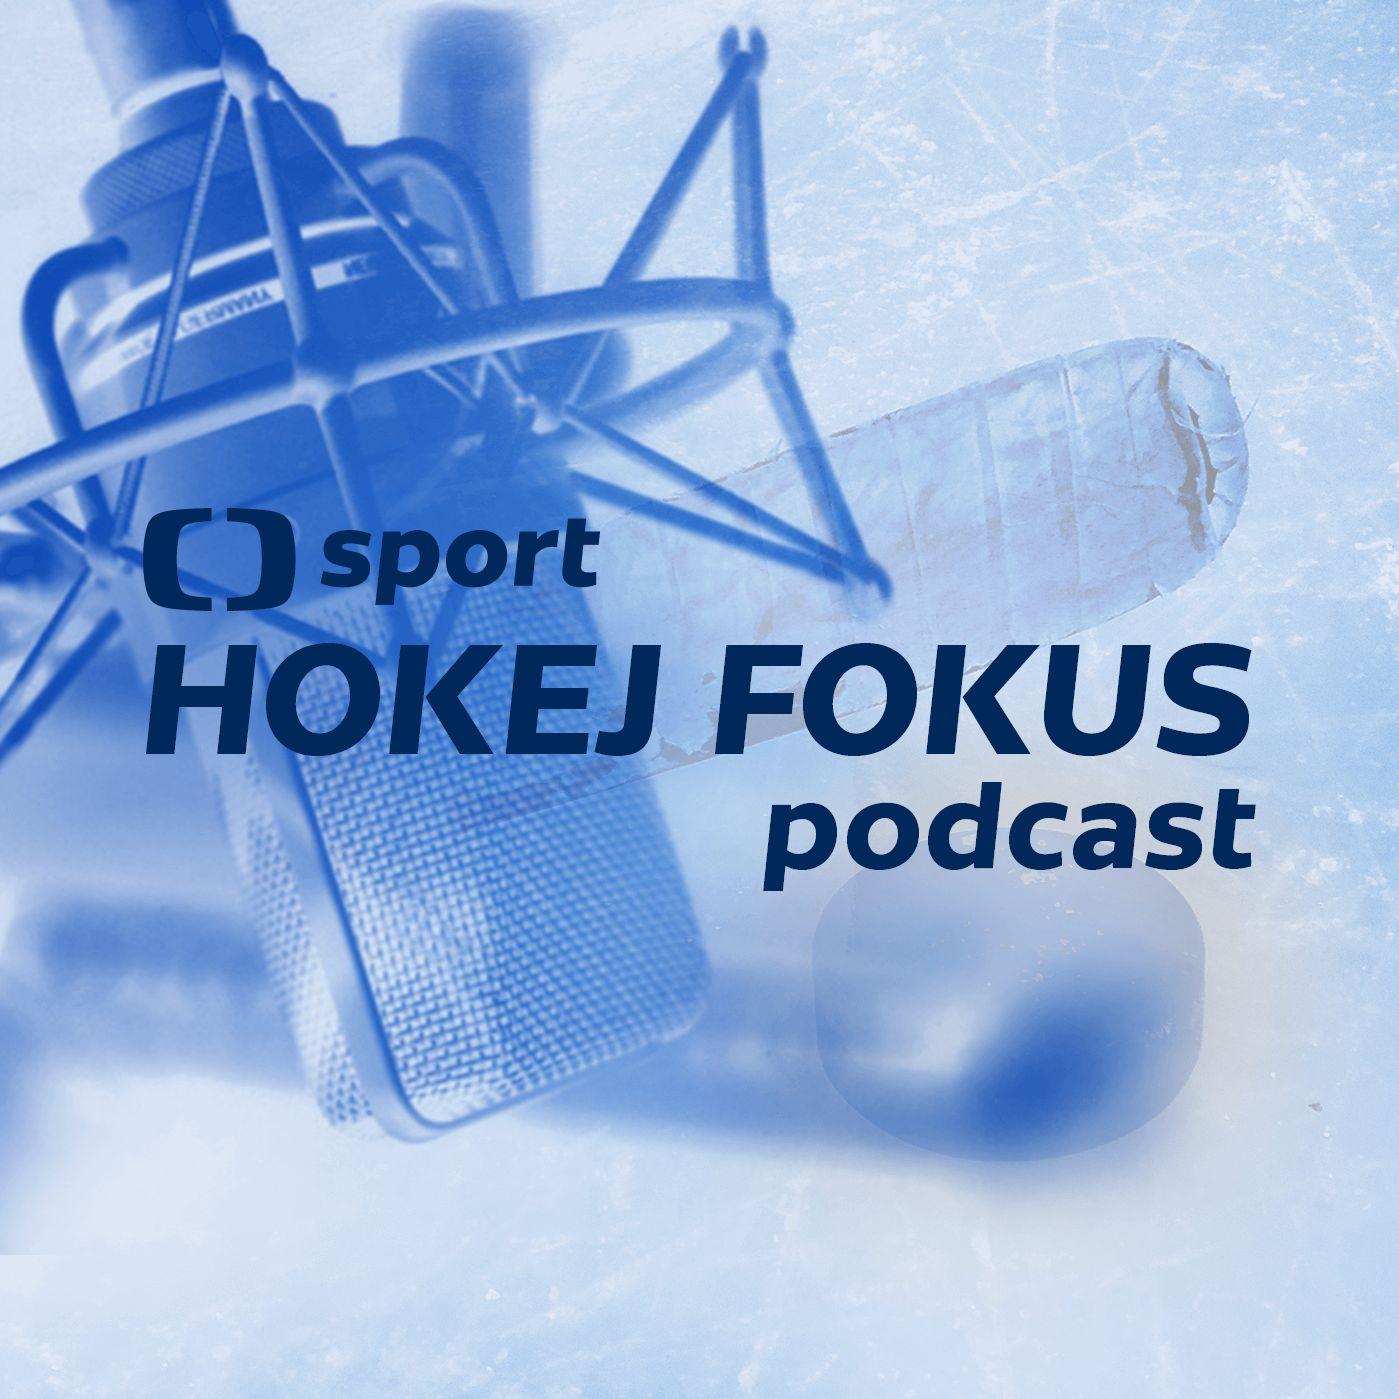 Hokej fokus podcast: Kdo se na Turnaji Karjaly přiblížil nominaci na olympiádu?